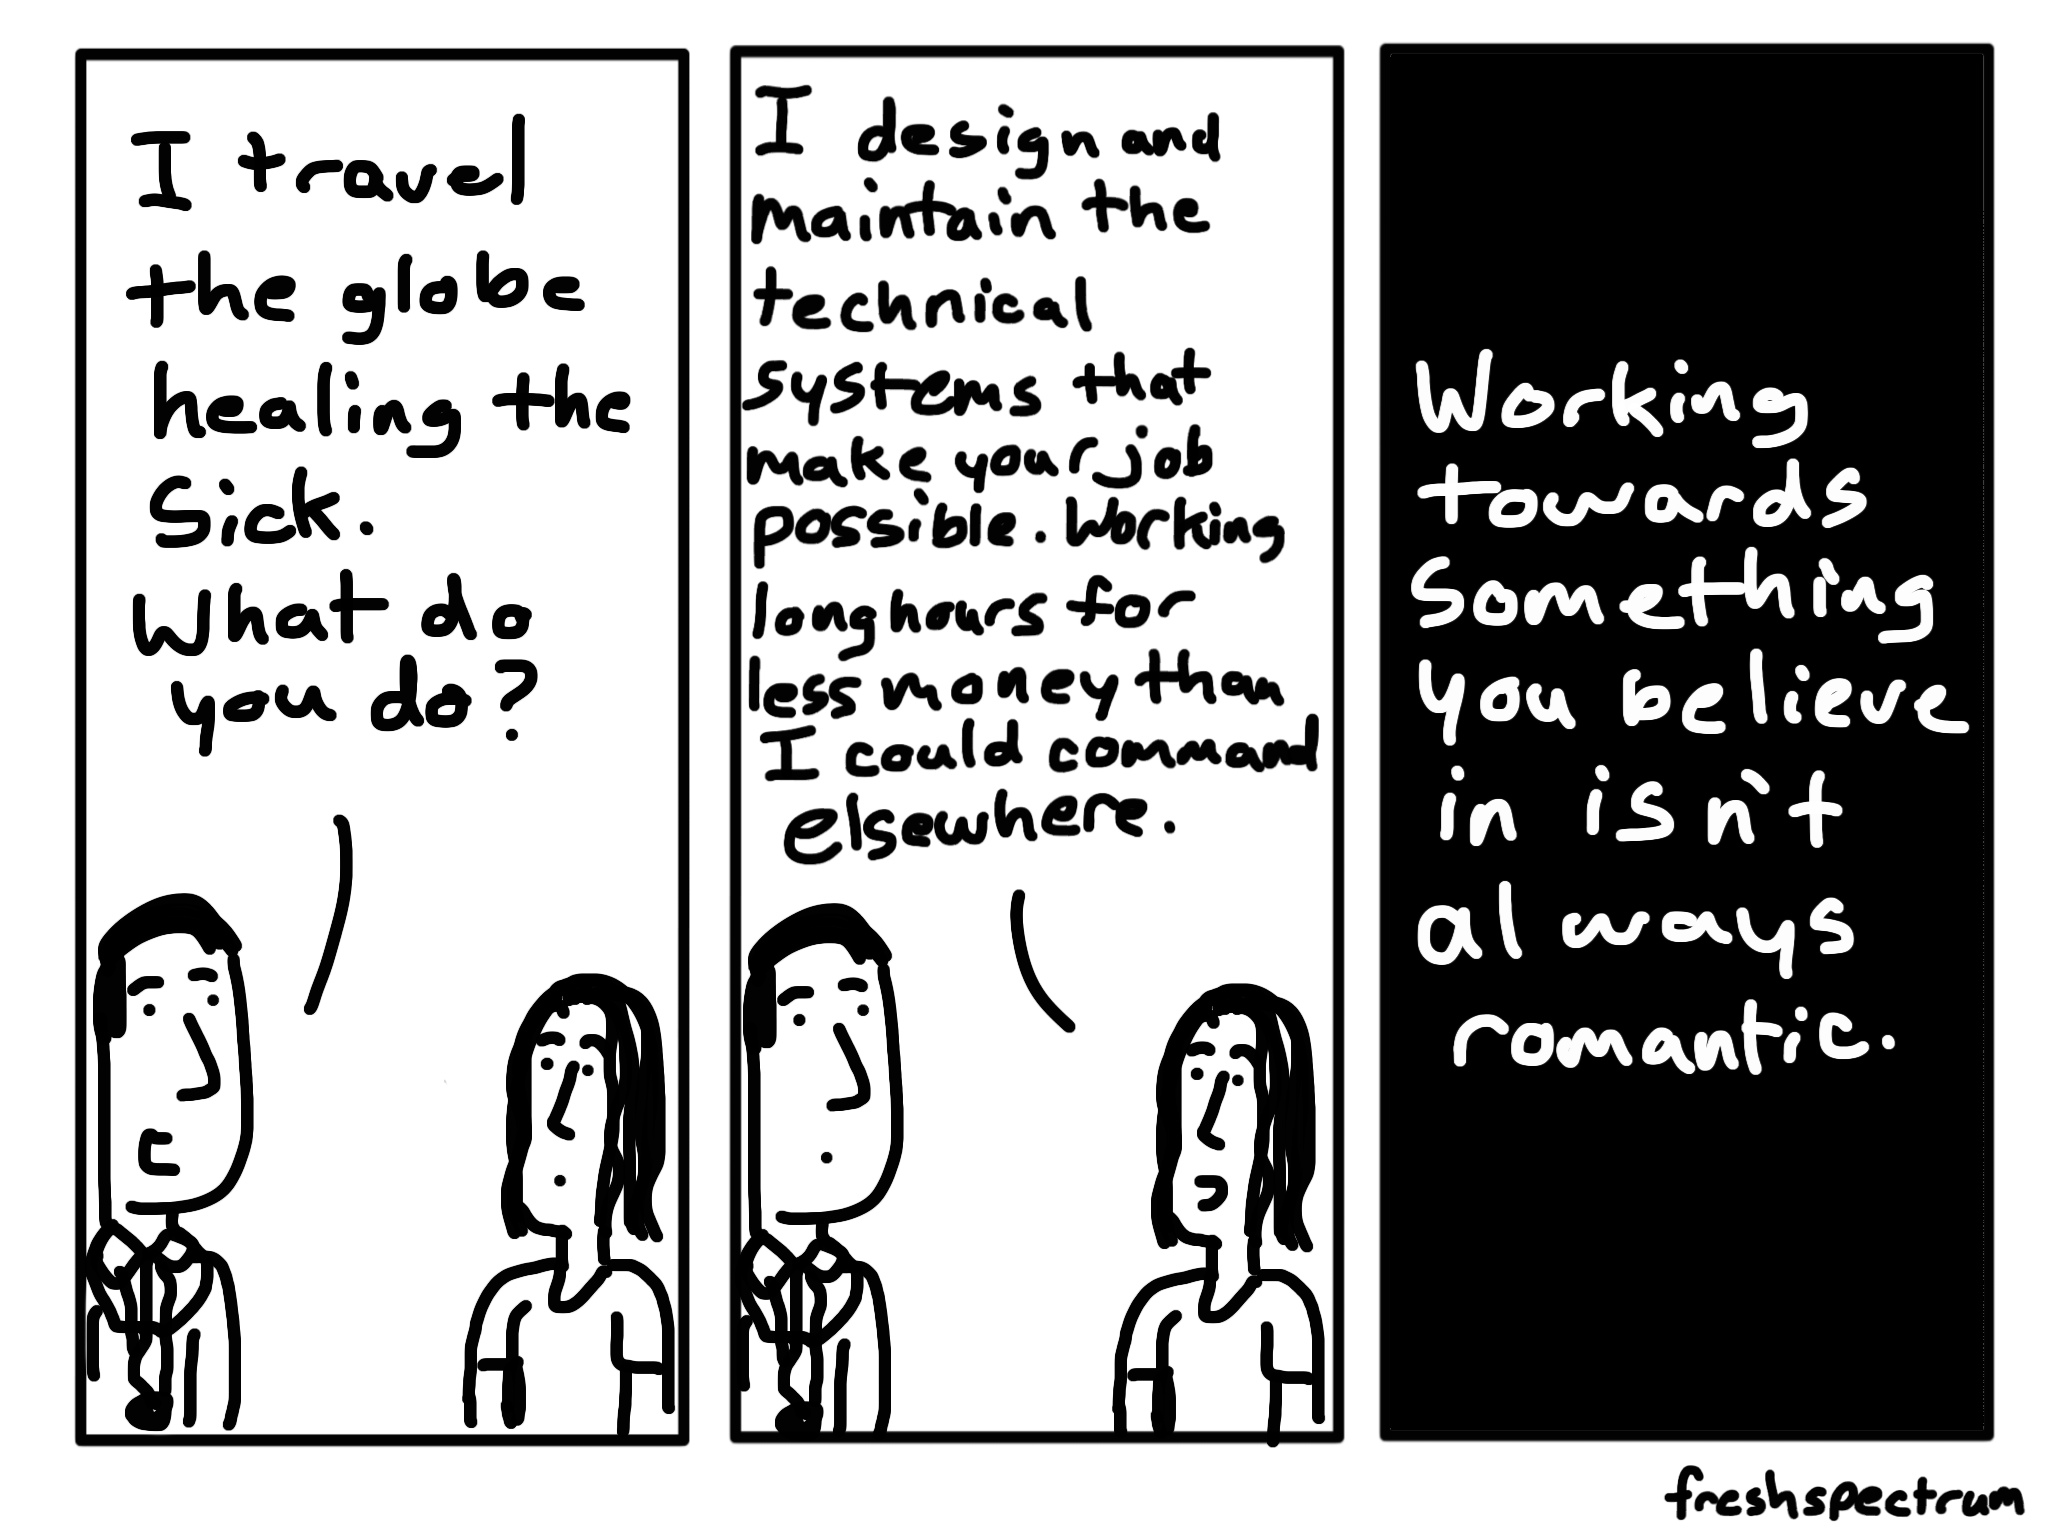 Something you believe in cartoon